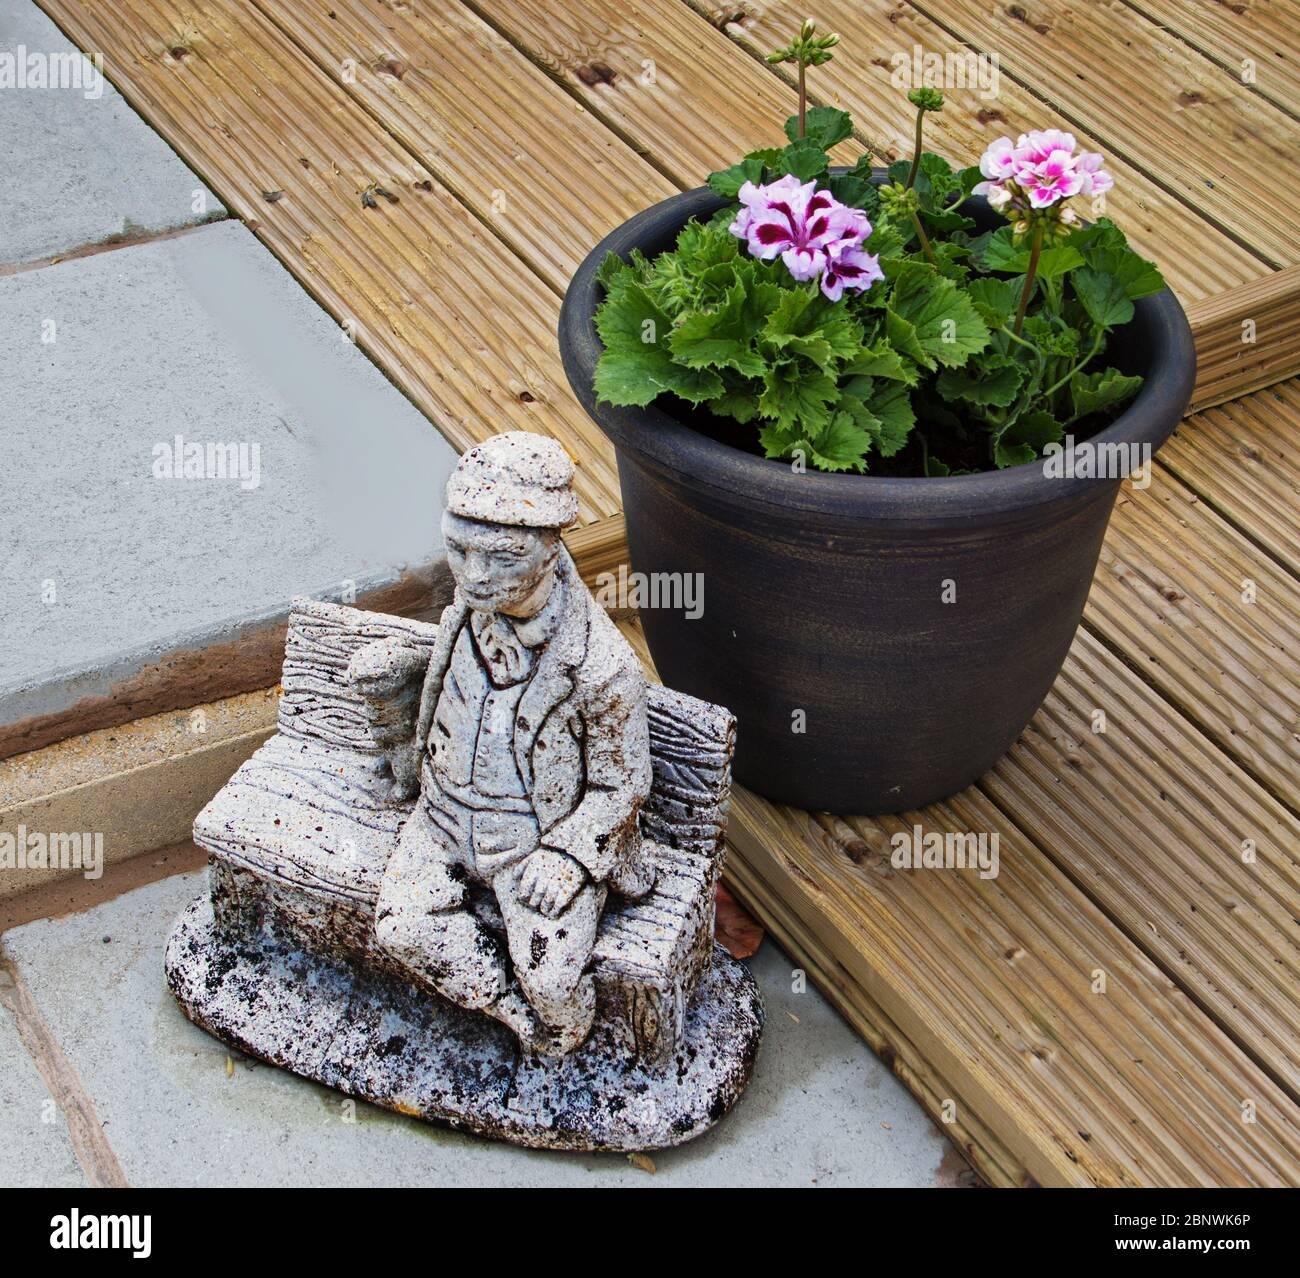 Un jardín, con un ornamento de características poner una maceta de planta en pavimento y tarima Foto de stock